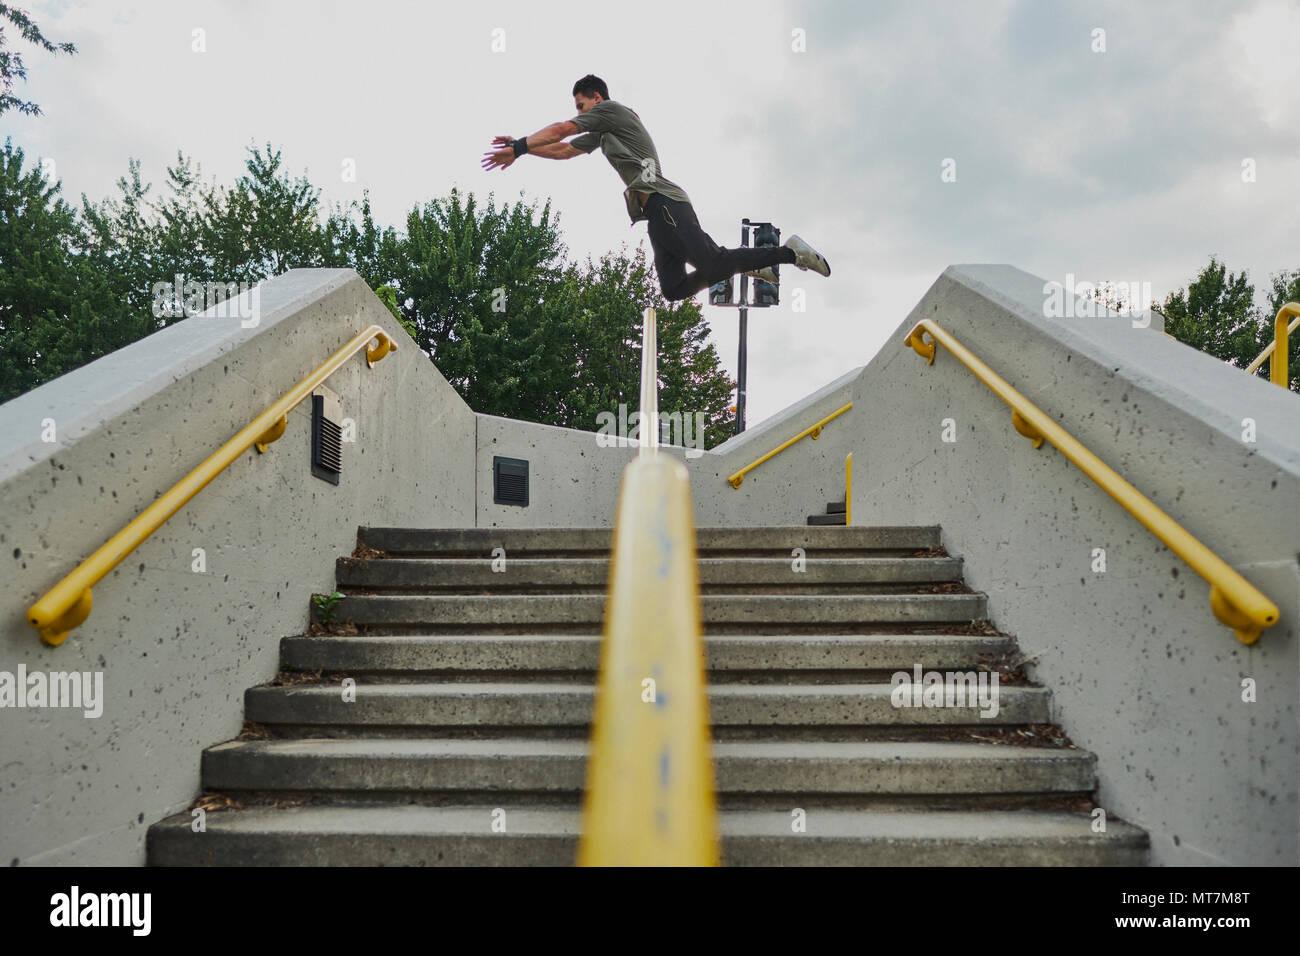 Adolescente saltando sobre una estructura de hormigón, mientras haciendo parkour Imagen De Stock